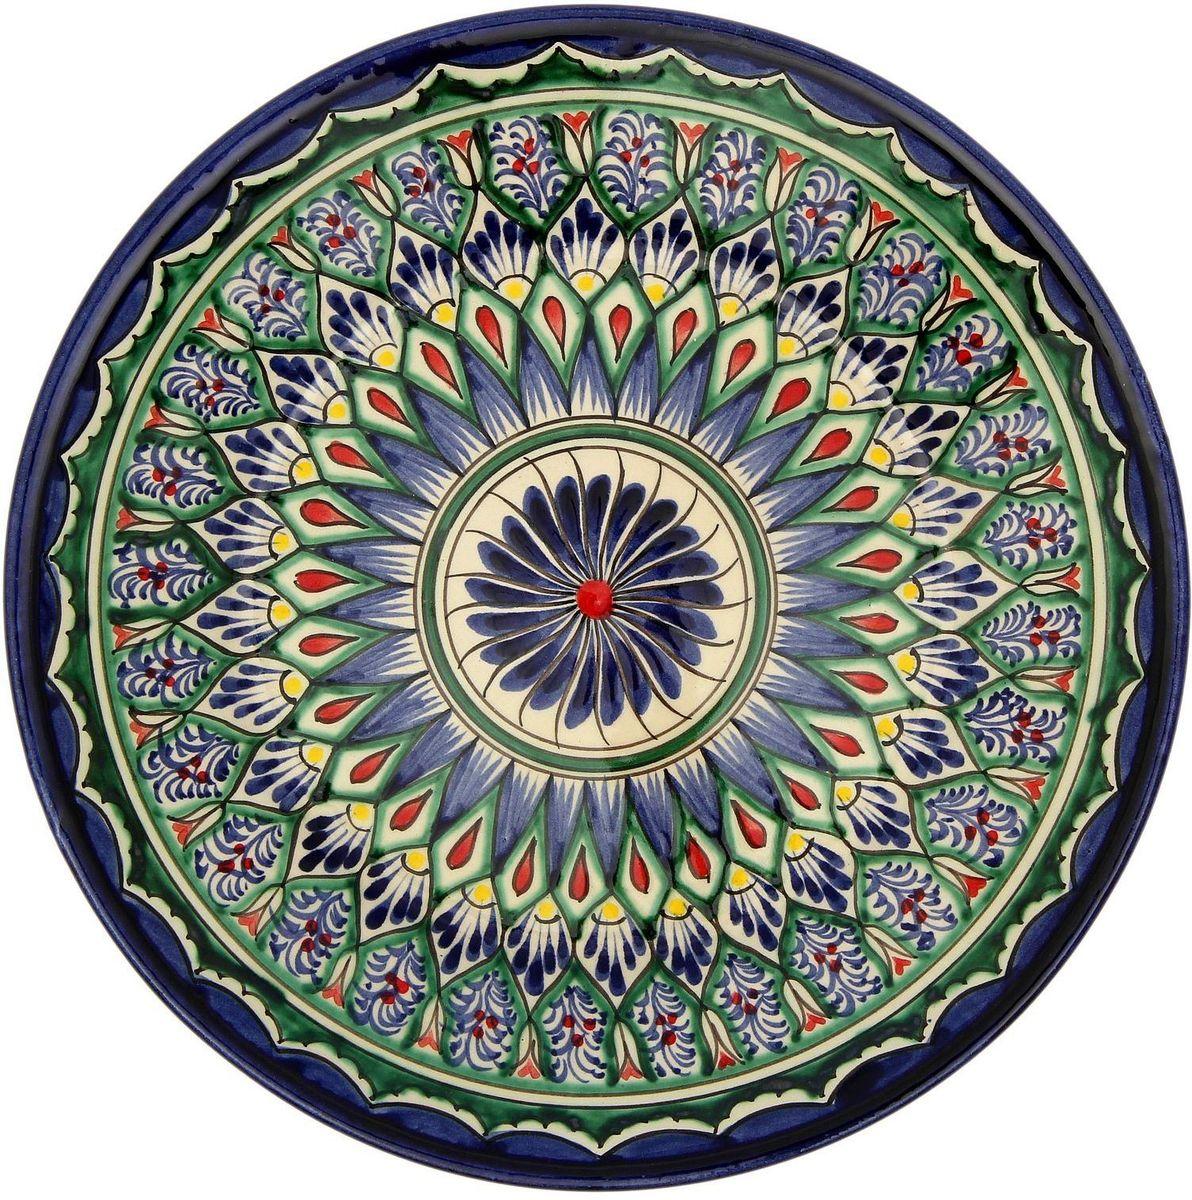 Тарелка Риштанская керамика, диаметр 23 см. 21580062158006Узбекская посуда известна всему миру уже более тысячи лет. Ей любовались царские особы, на ней подавали еду шейхам и знатным персонам. Формула глазури передаётся из поколения в поколение. По сей день качественные изделия продолжают восхищать своей идеальной формой.Данный предмет подойдёт для повседневной и праздничной сервировки. Дополните стол текстилем и салфетками в тон, чтобы получить элегантное убранство с яркими акцентами.